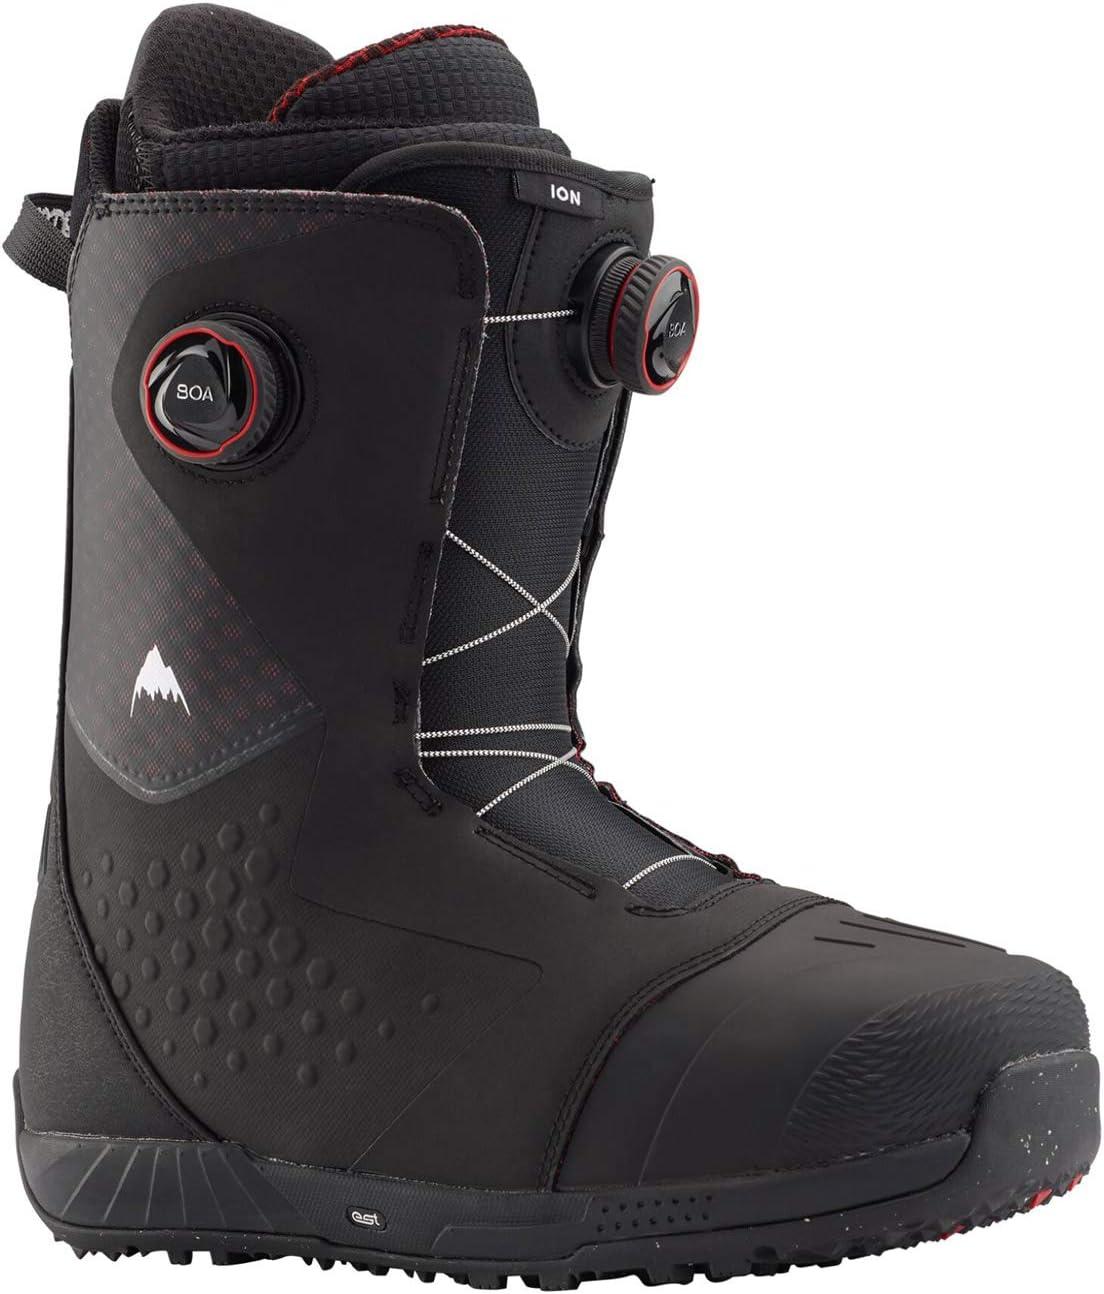 Burton Ion Boa Boot 2020 Black/Red